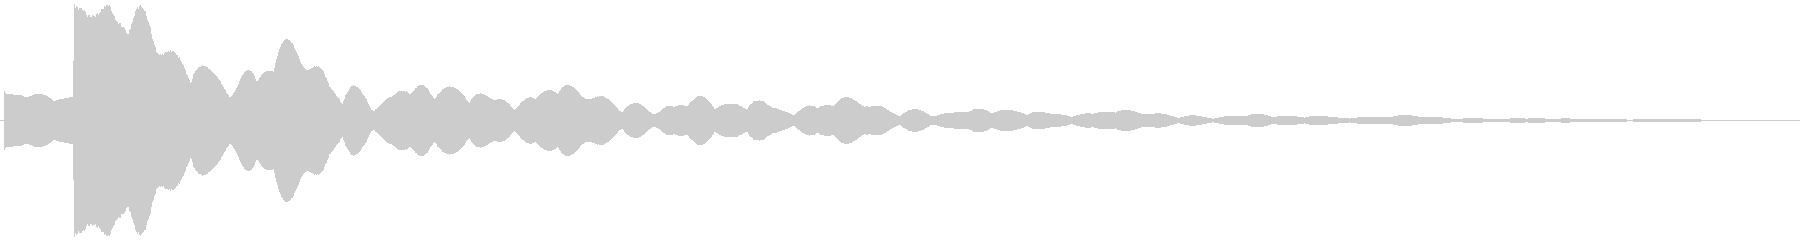 キラーン(お星さま風)の未再生の波形